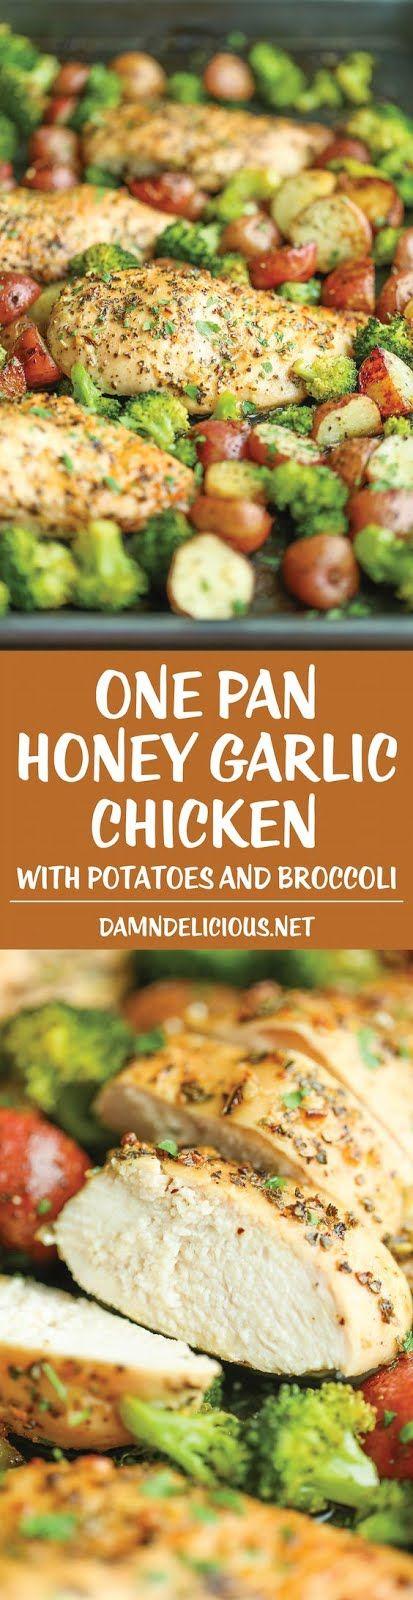 One Pan Honey Garlic Chicken and Veggies